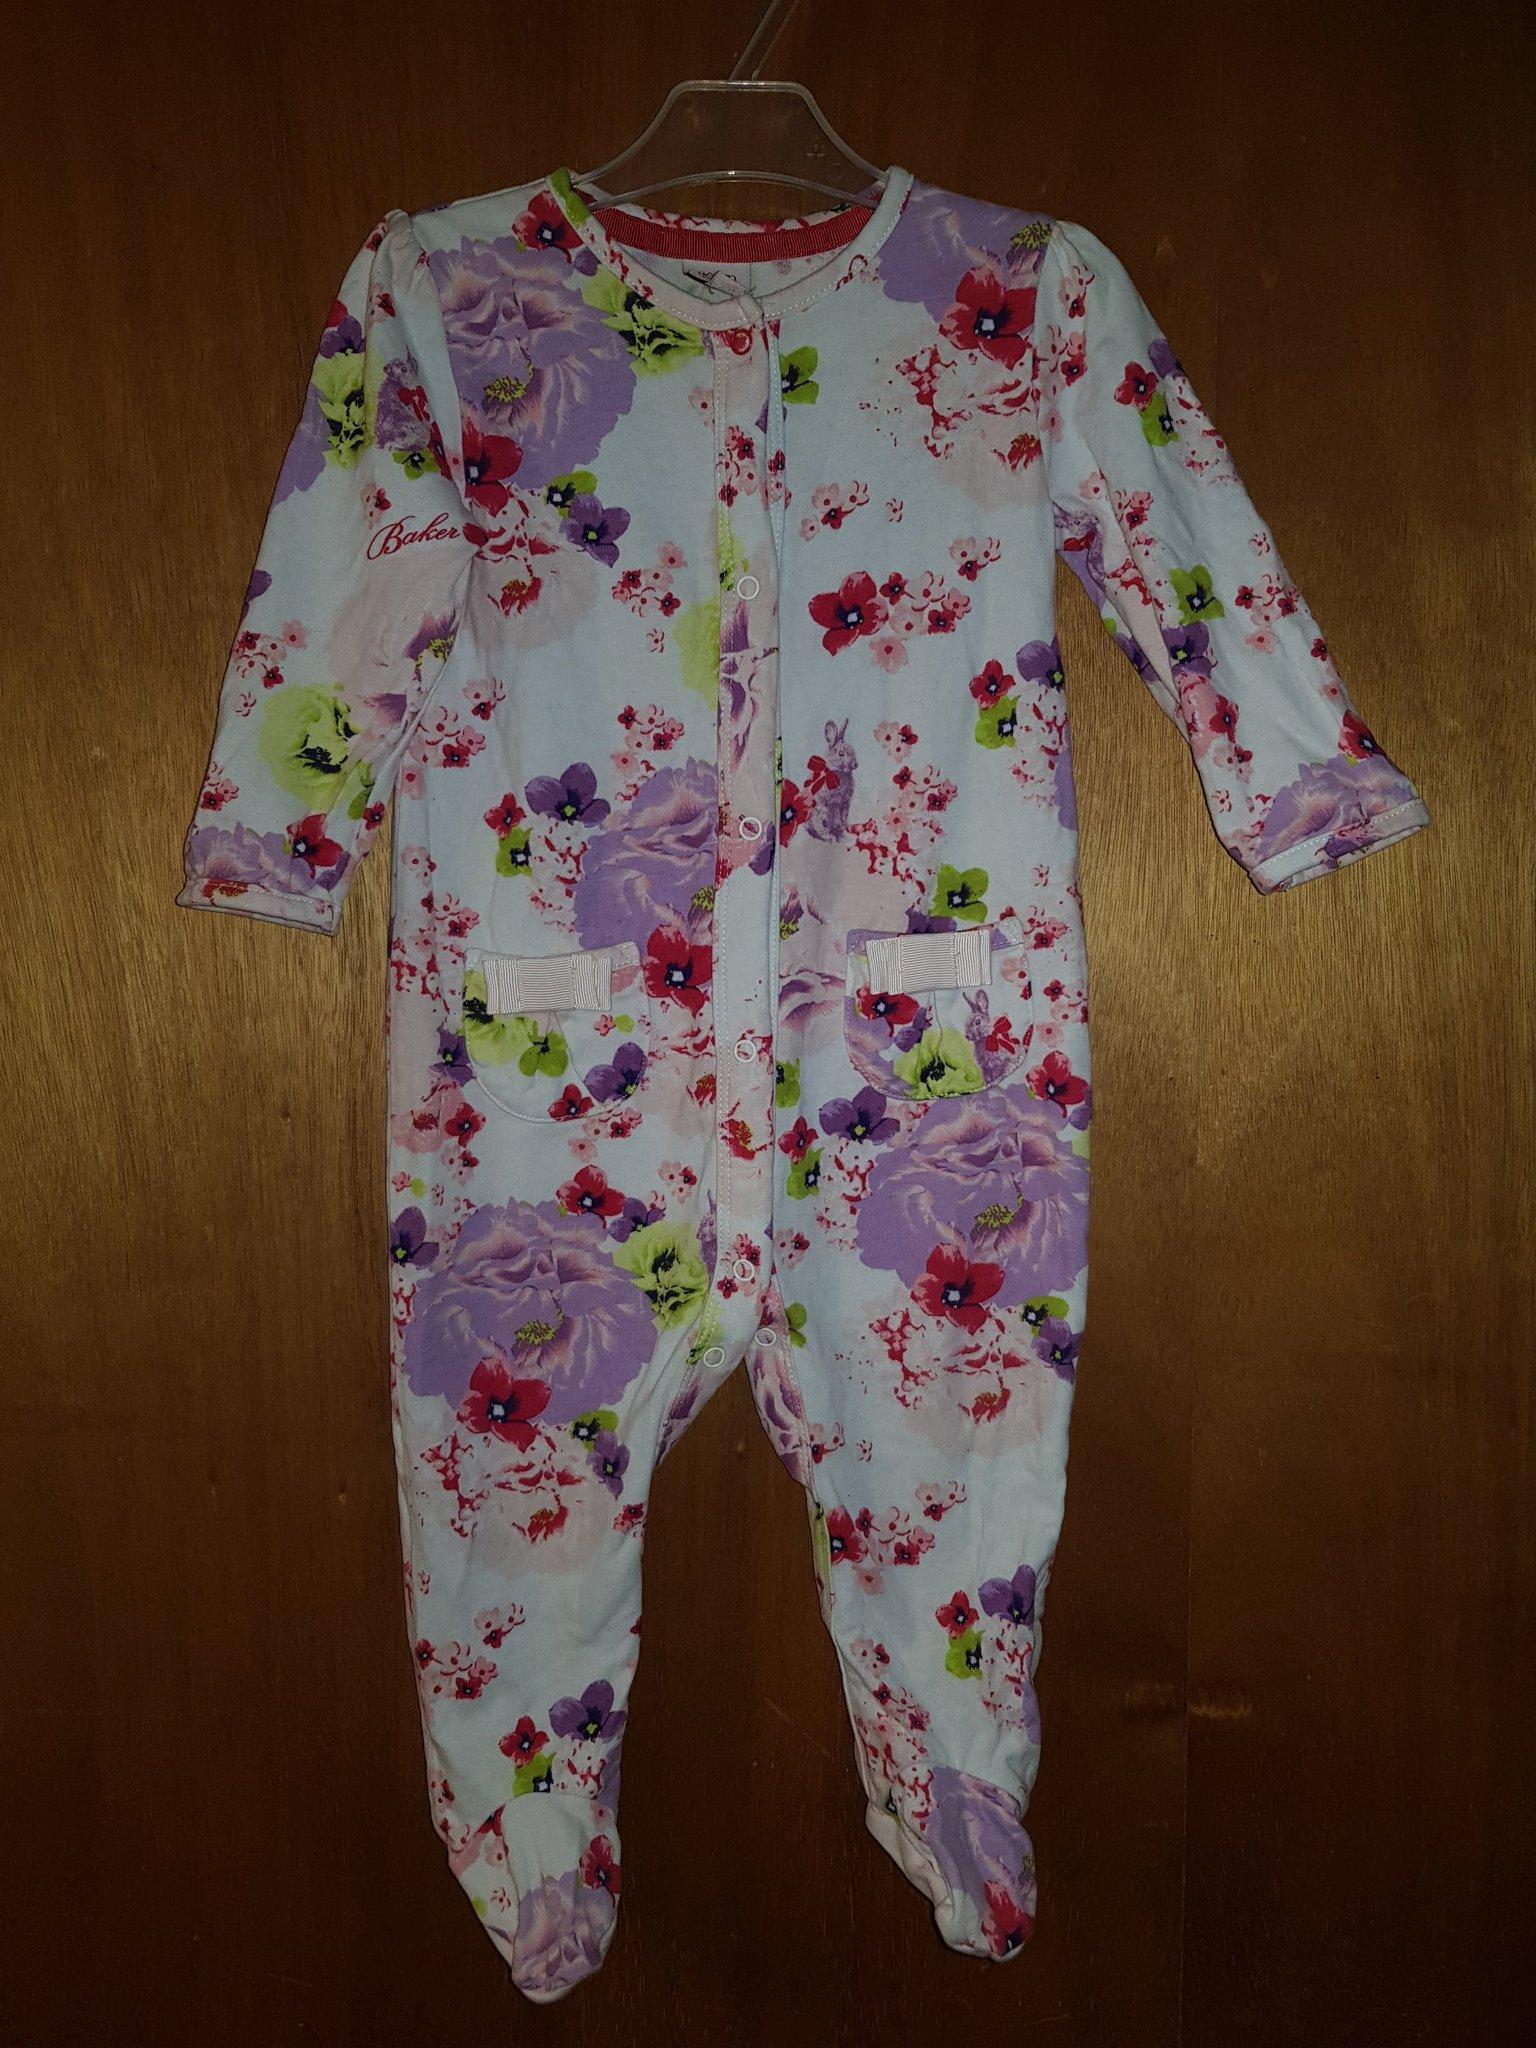 få nya bra erbjudanden 2017 professionell försäljning Söt blommig pyjamas med hel fot i stl 74 (9-12m.. (367474687) ᐈ ...